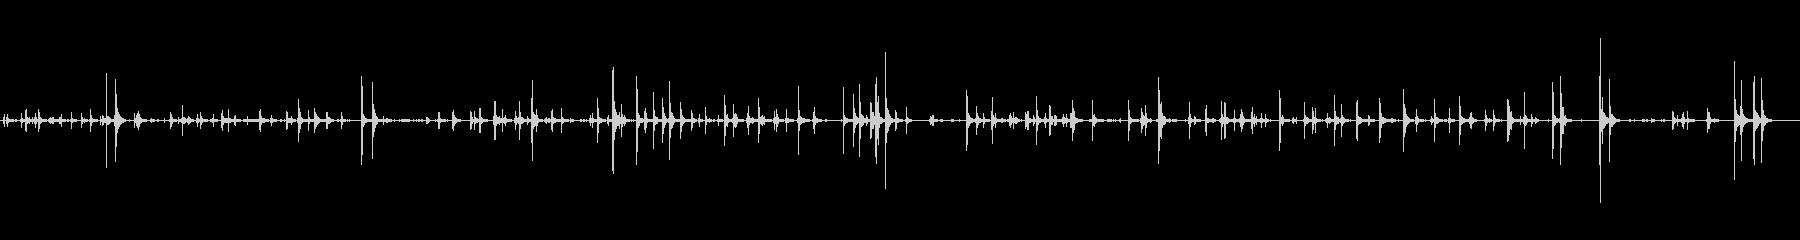 タイピングしている音。の未再生の波形